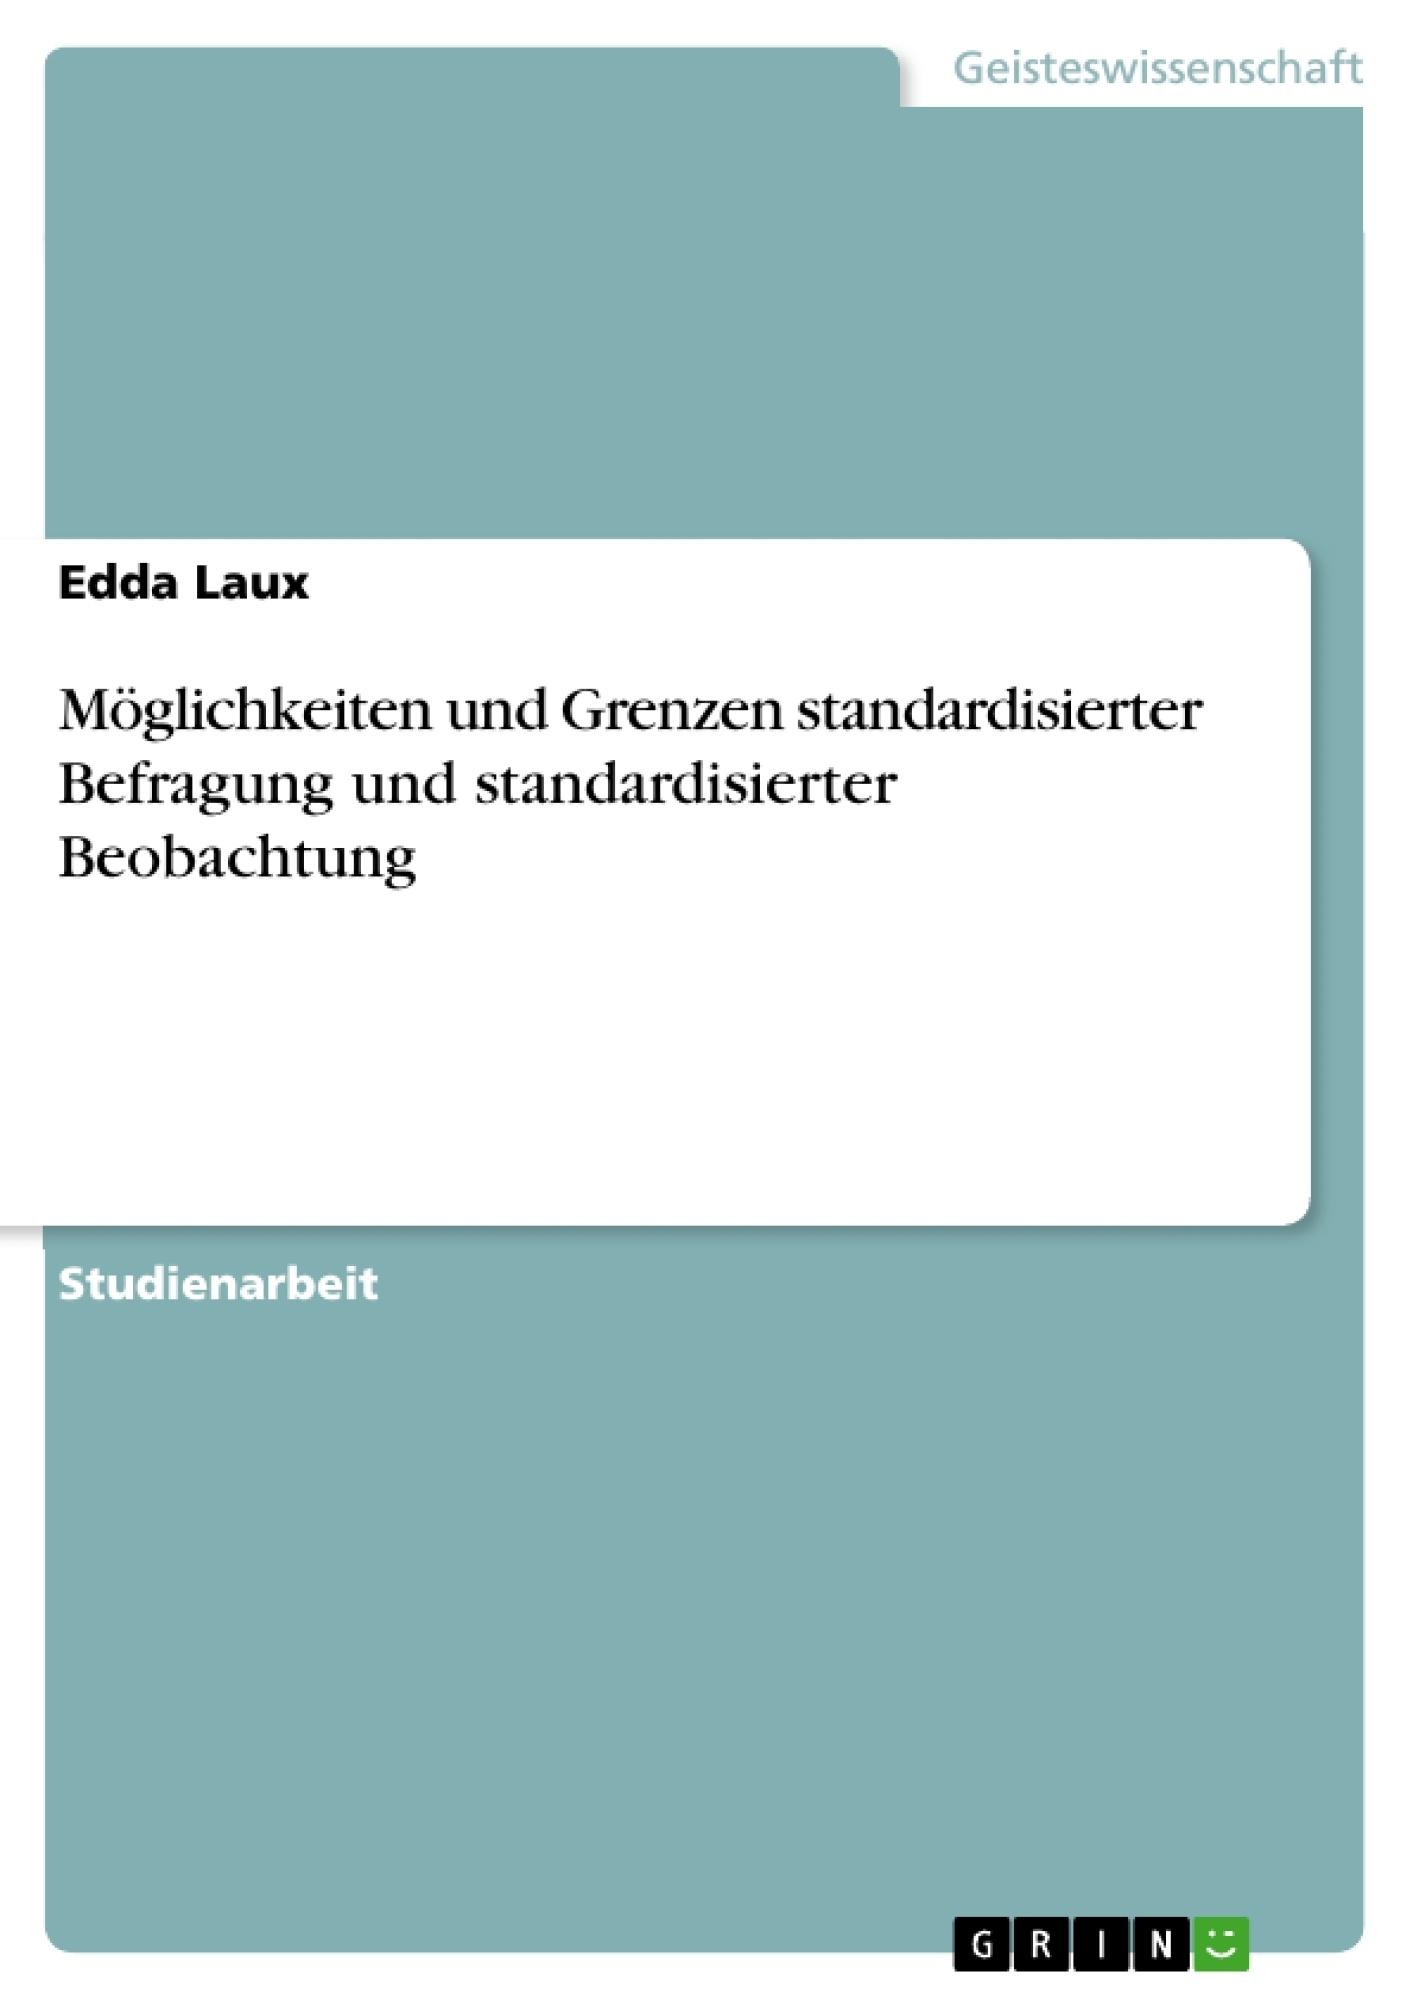 Titel: Möglichkeiten und Grenzen standardisierter Befragung und standardisierter Beobachtung